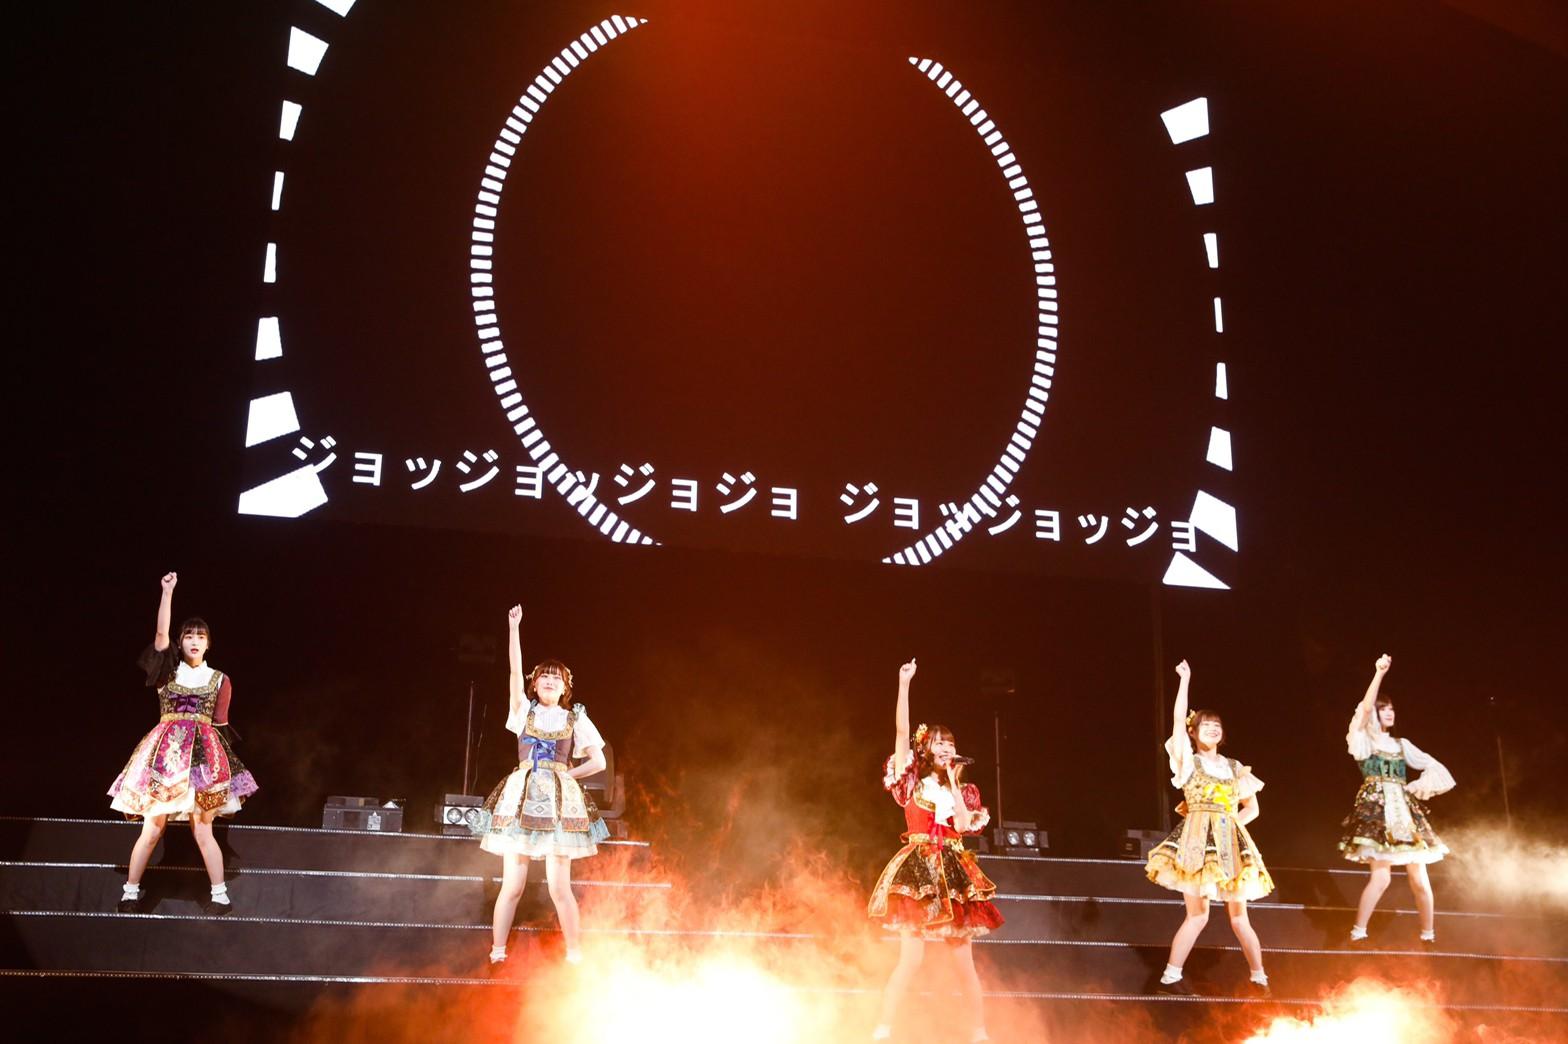 まねきケチャ結成5周年記念ライブ『パシフィコ横浜 de まねきケチャ』